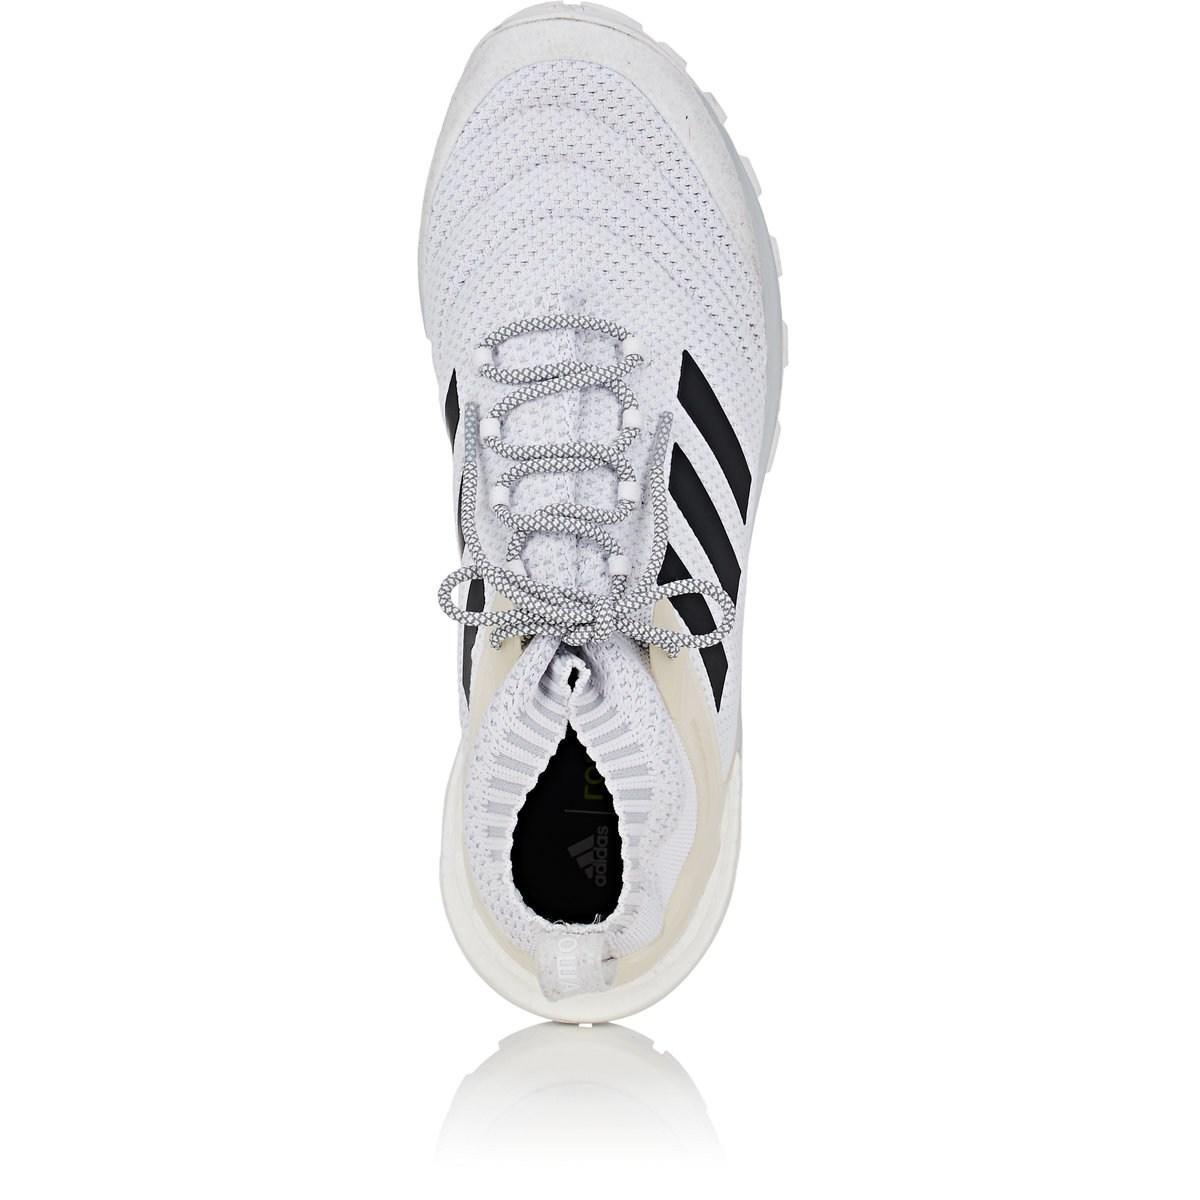 best sneakers c8363 14b2a Lyst - Gosha Rubchinskiy Copa Primeknit Sneakers in White fo